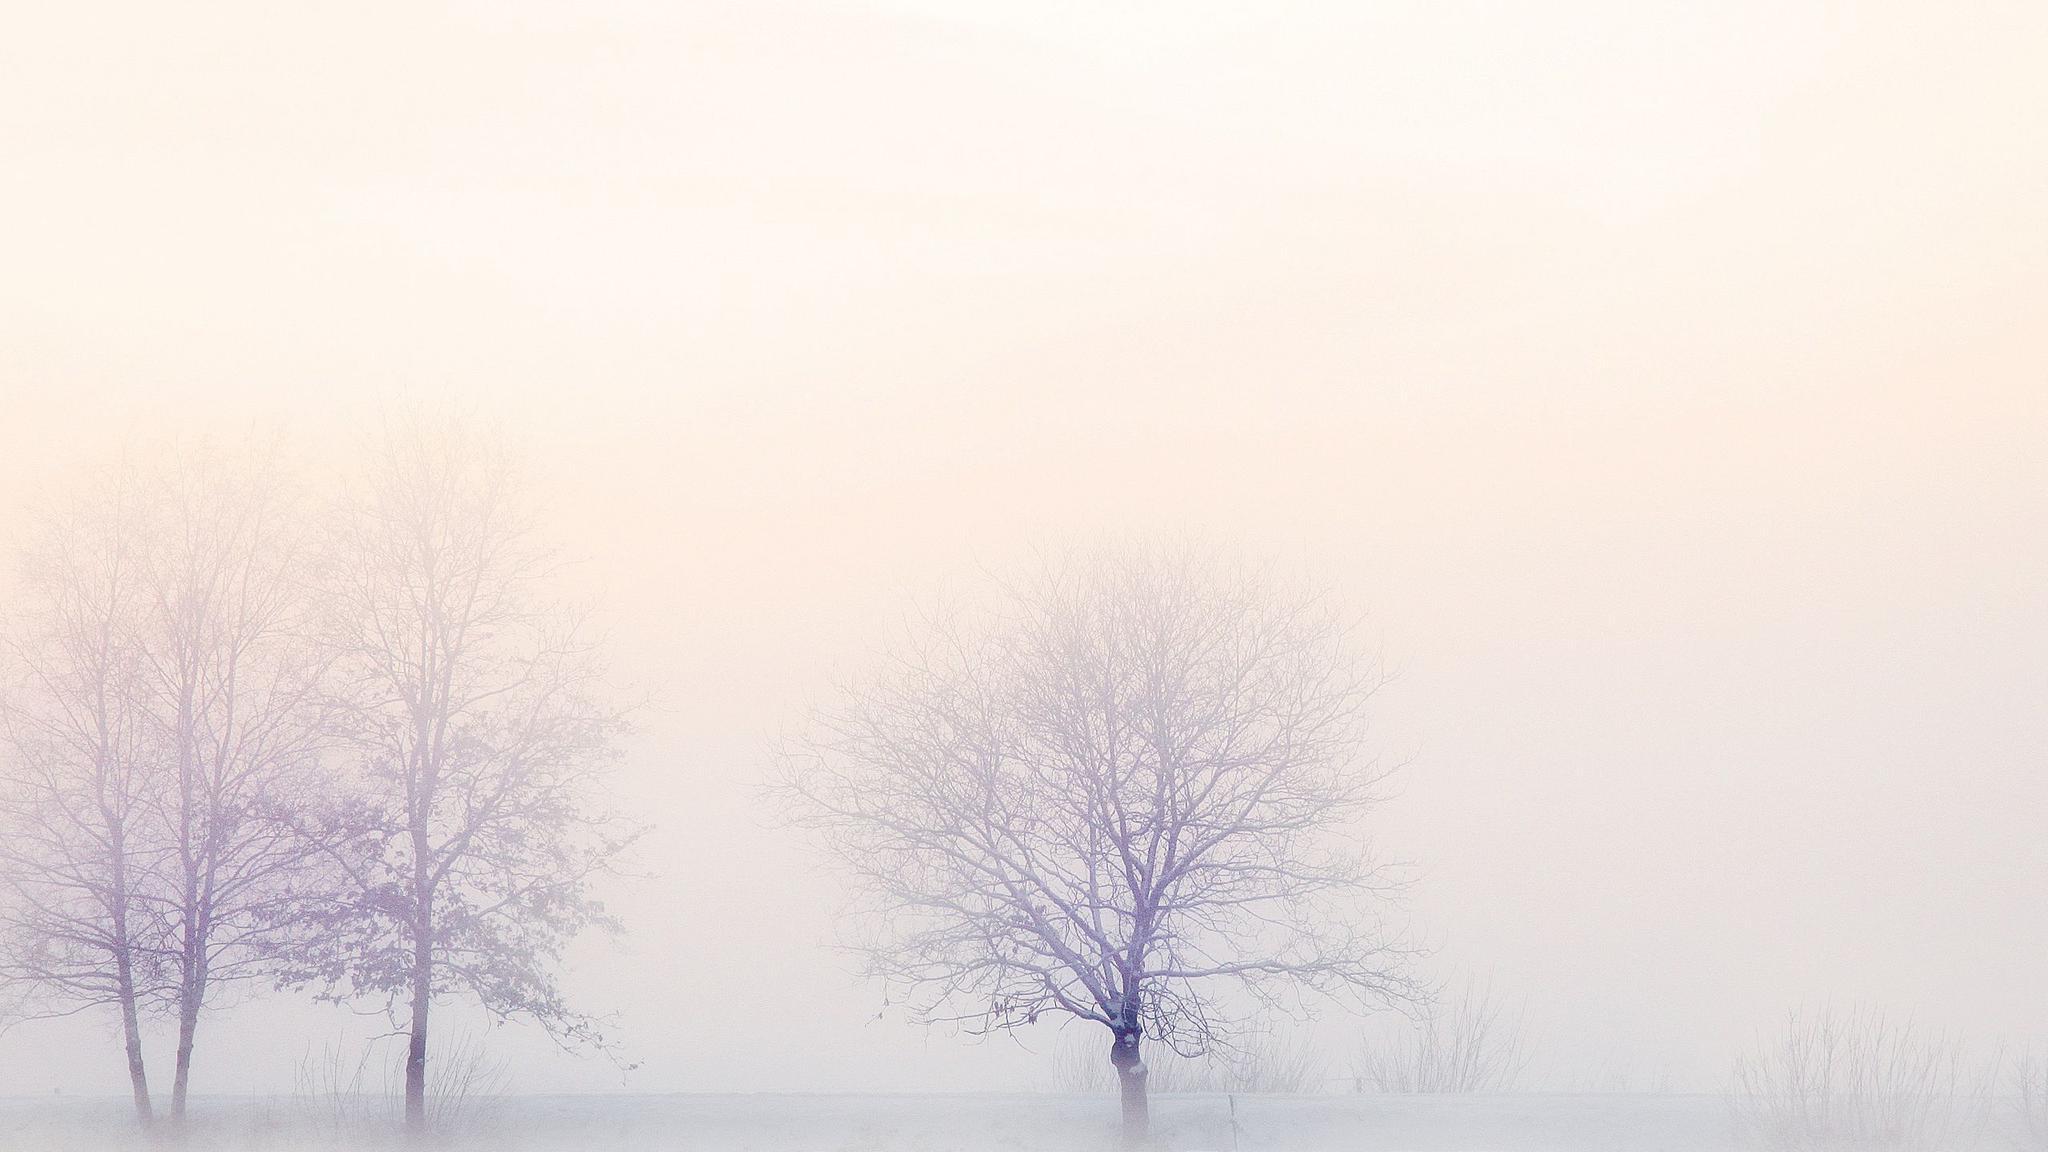 二十四节气立冬图片桌面壁纸,分辨率:1920x1200